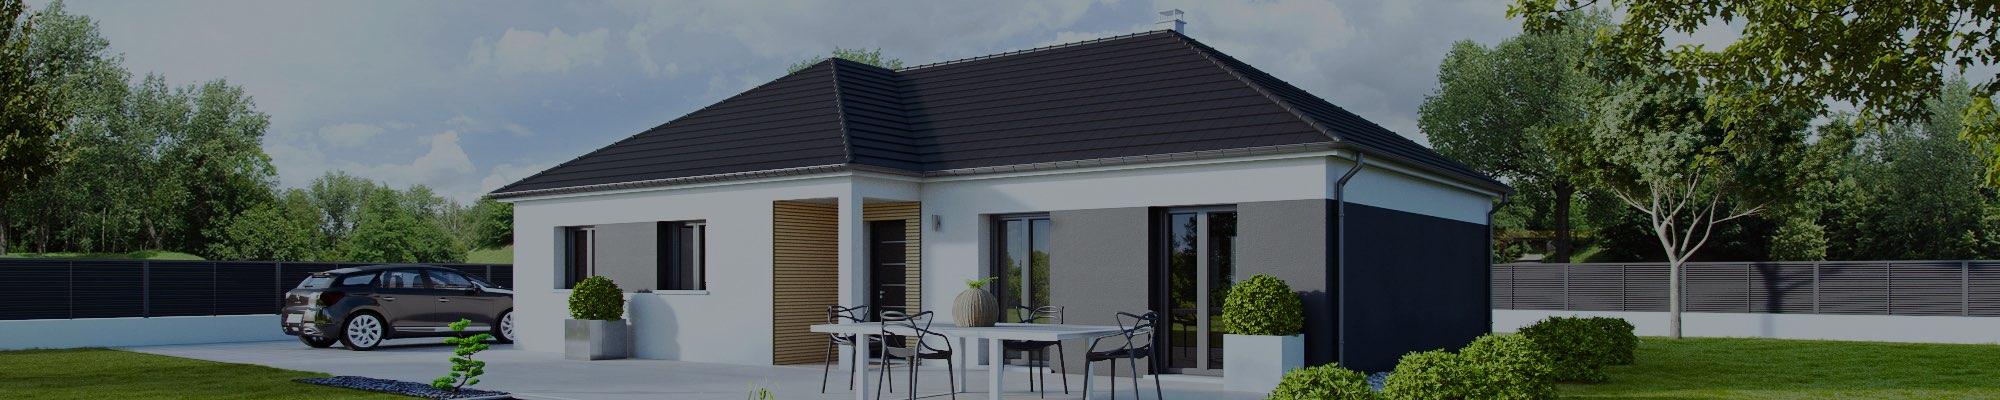 Maisons babeau seguin constructeur de maisons individuelles for Modele de maison a construire pas cher